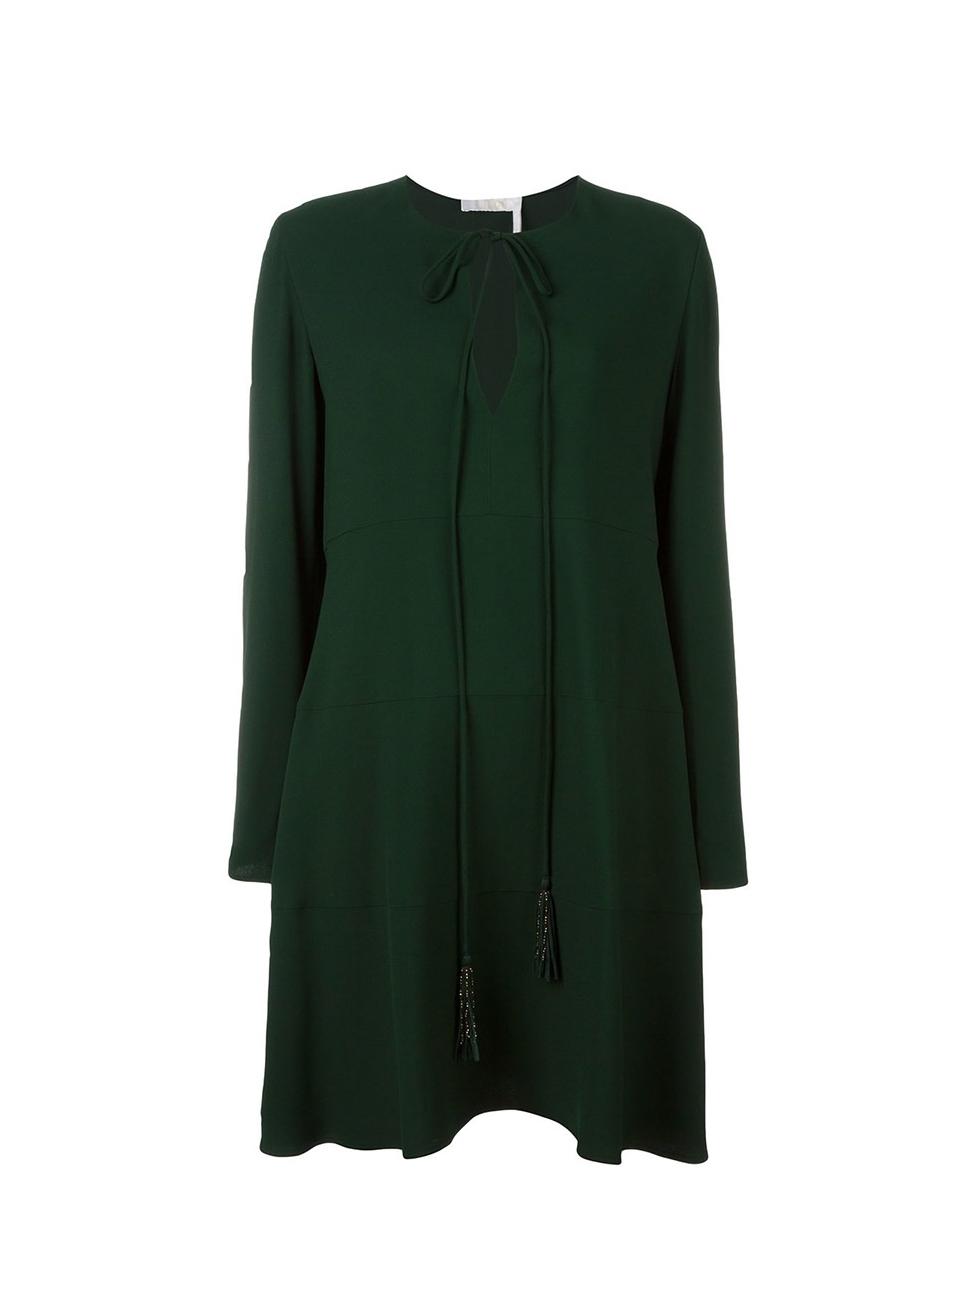 3b7c118eb35 Louise Paris - CHLOE Robe manches longues en crêpe vert forêt à pompons  dorés Px boutique 1268€ Taille 38